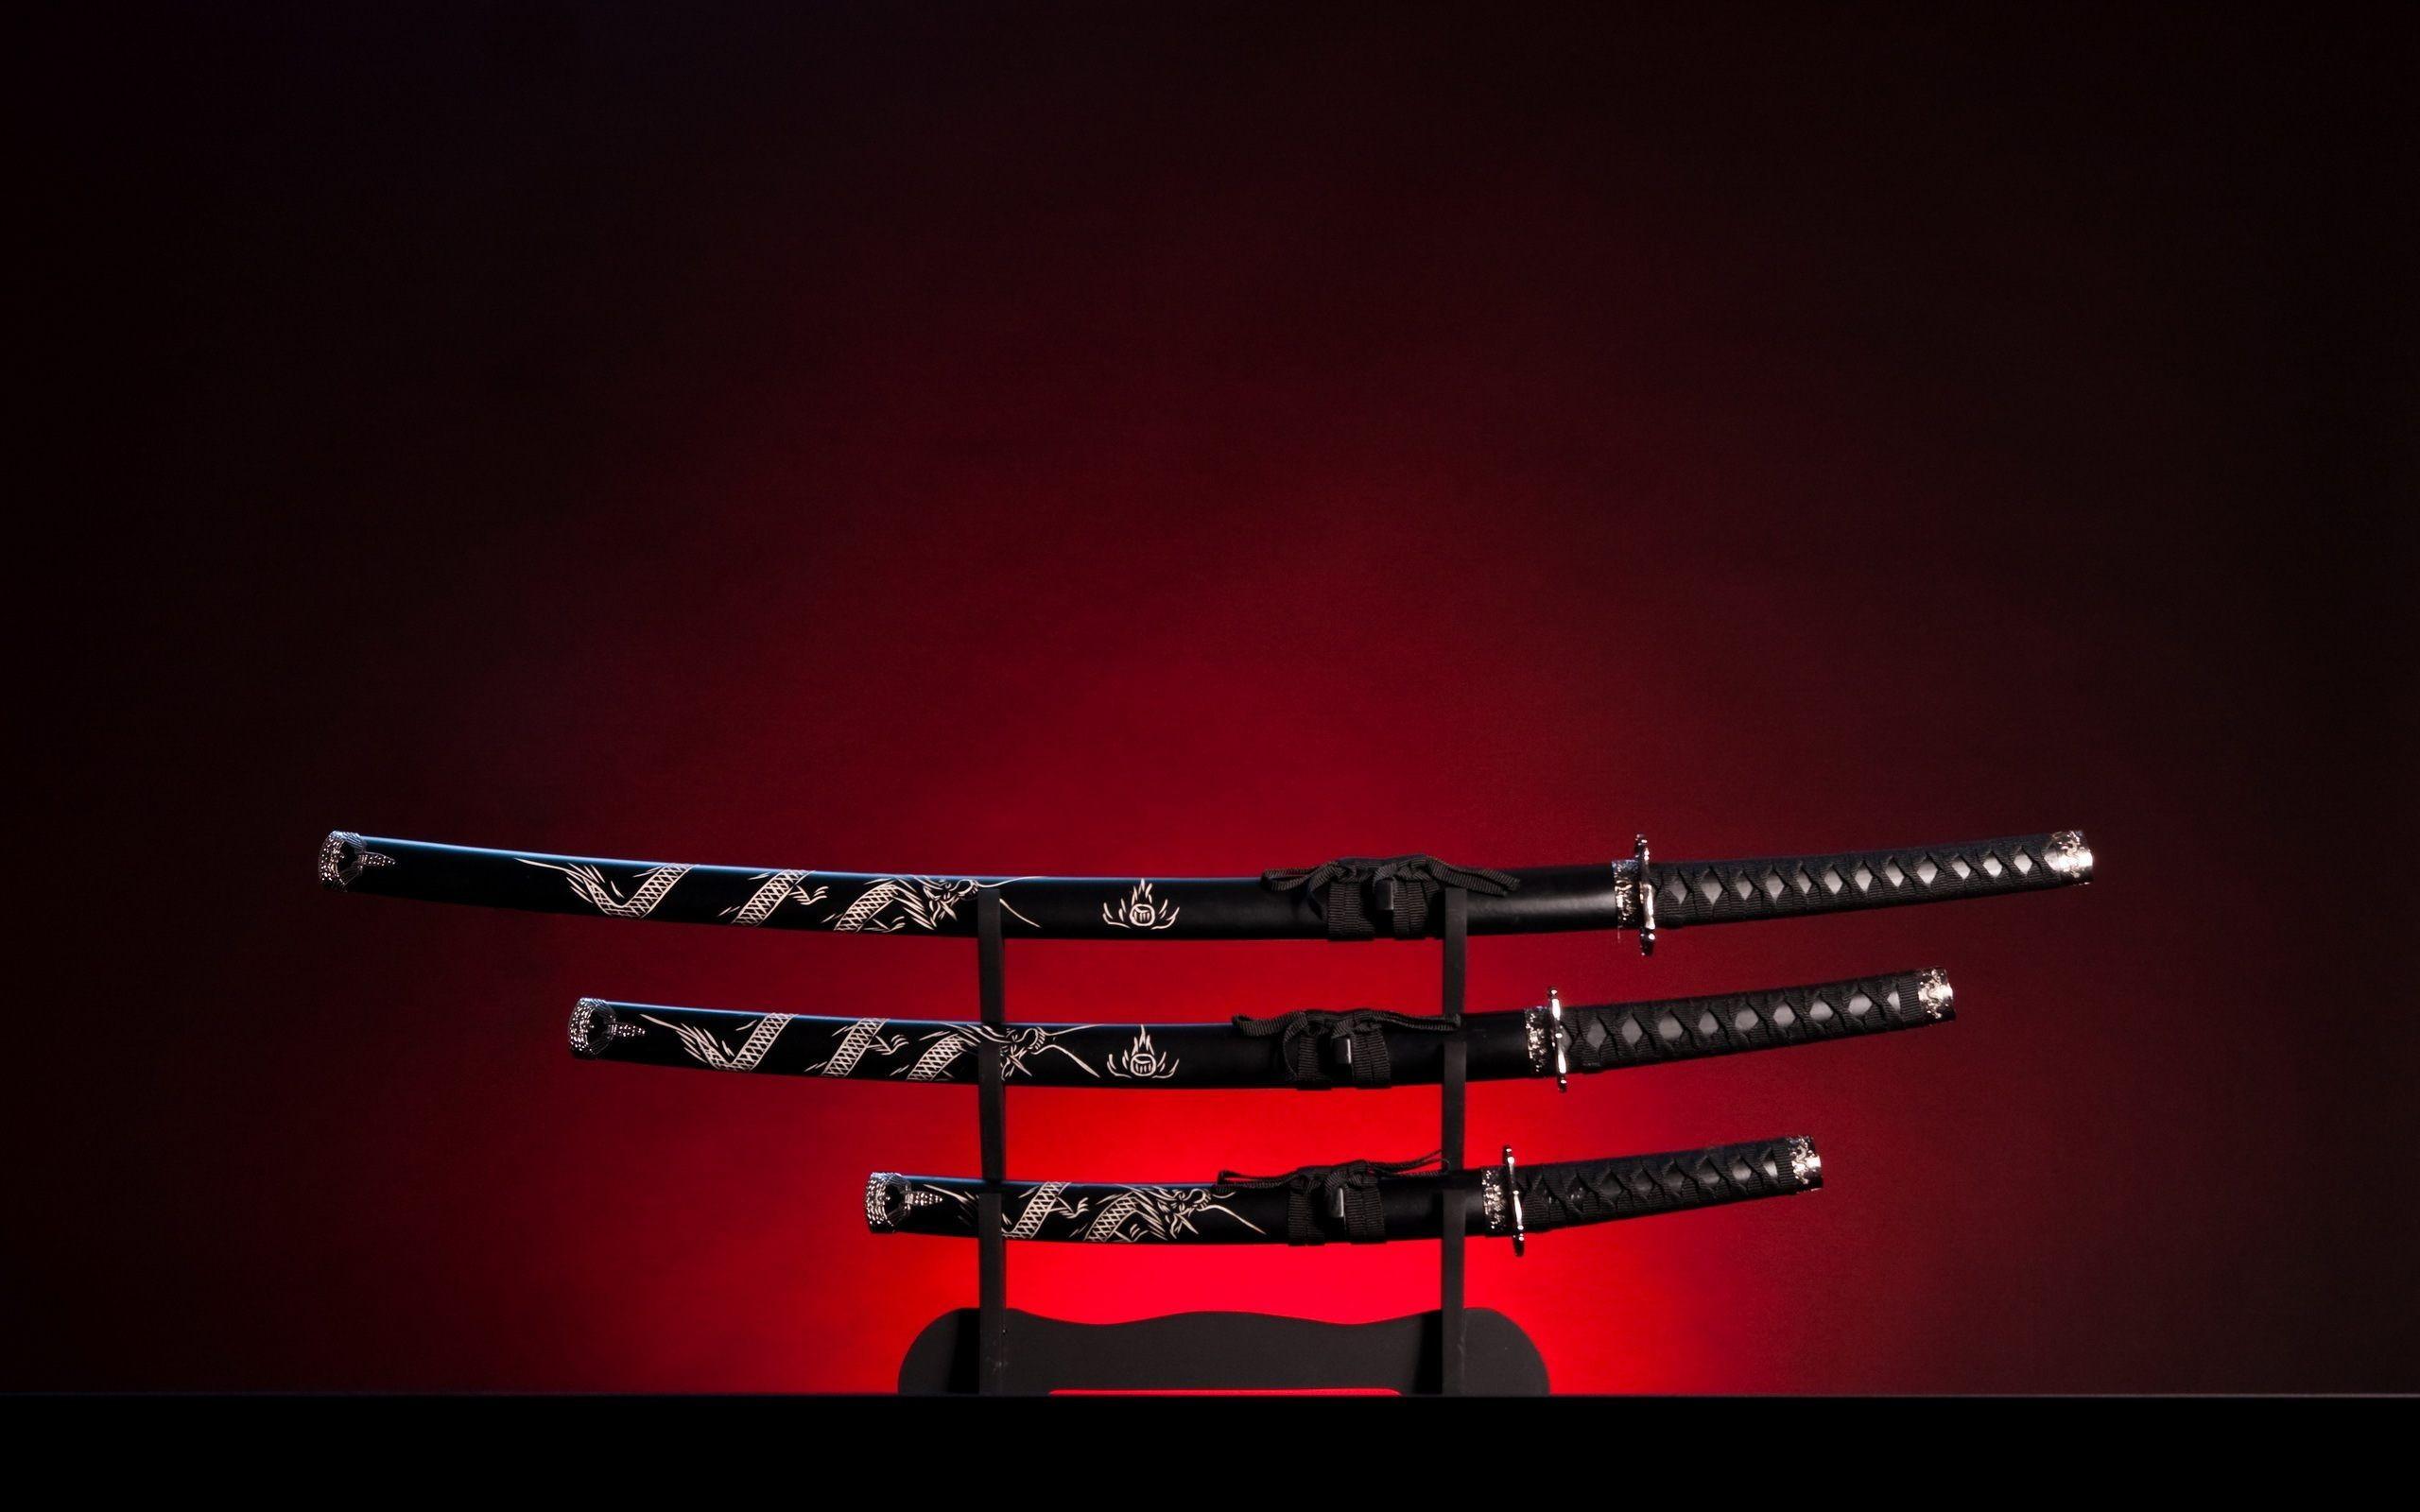 Samurai Sword Wallpaper (69+ images)